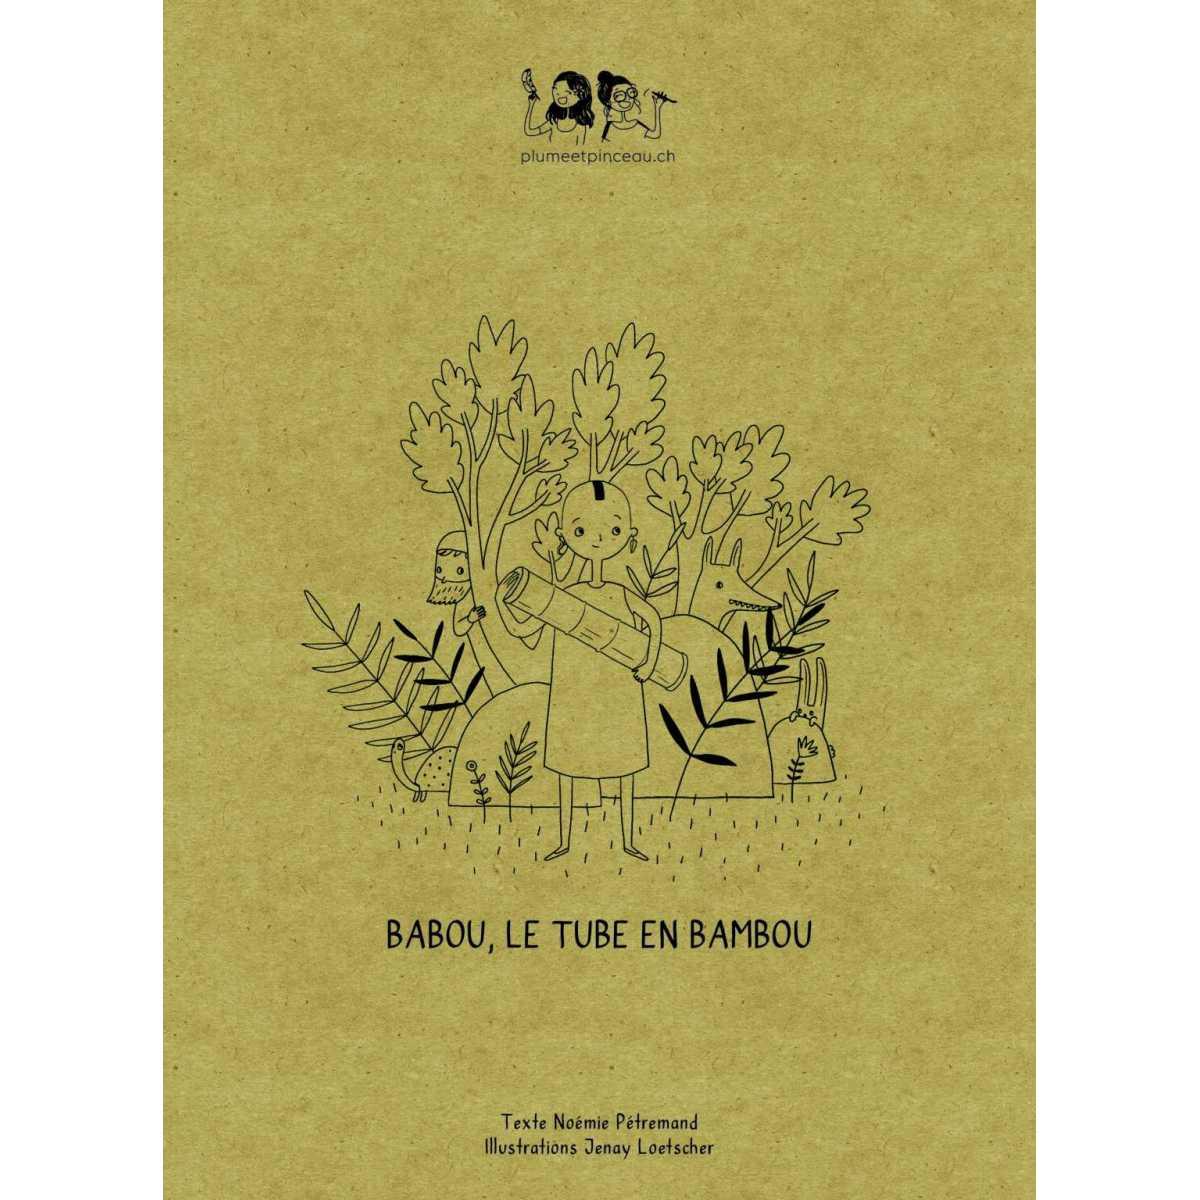 Babou, le tube en bambou - Plume et Pinceau - Jouets et Livres - PP3A